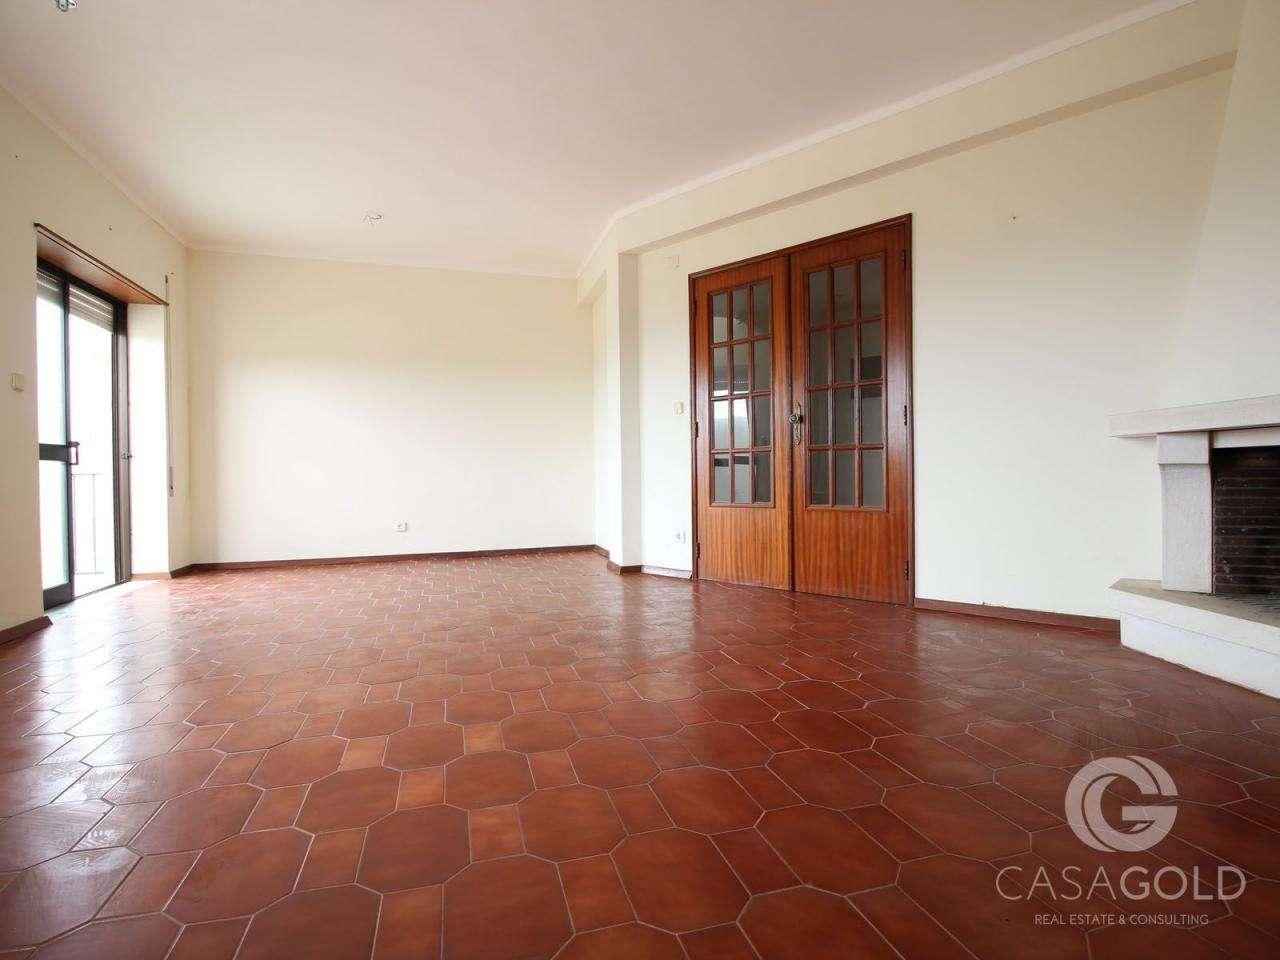 Apartamento para comprar, Caldas da Rainha - Nossa Senhora do Pópulo, Coto e São Gregório, Leiria - Foto 3